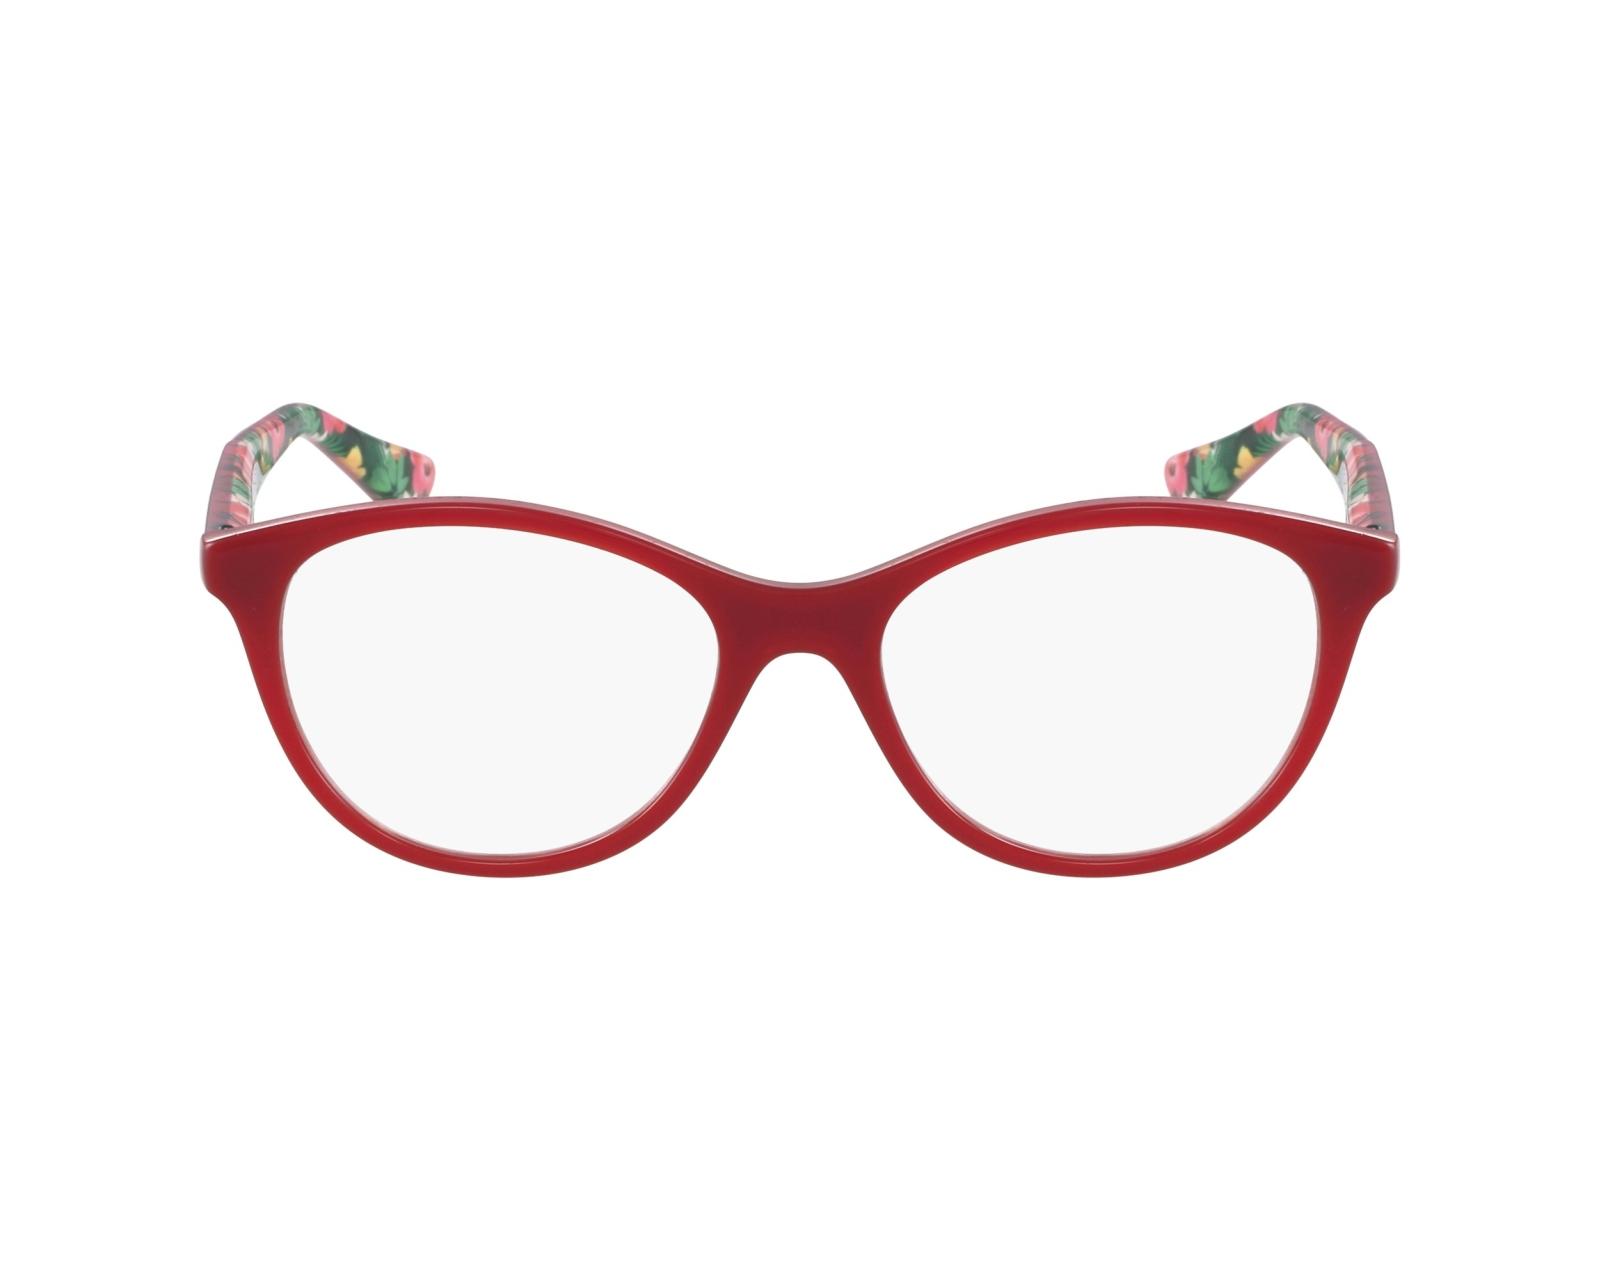 1a0d94f4e75f08 Lunettes de vue Vogue VO-2988 2340 51-17 Rouge Bordeaux vue de profil